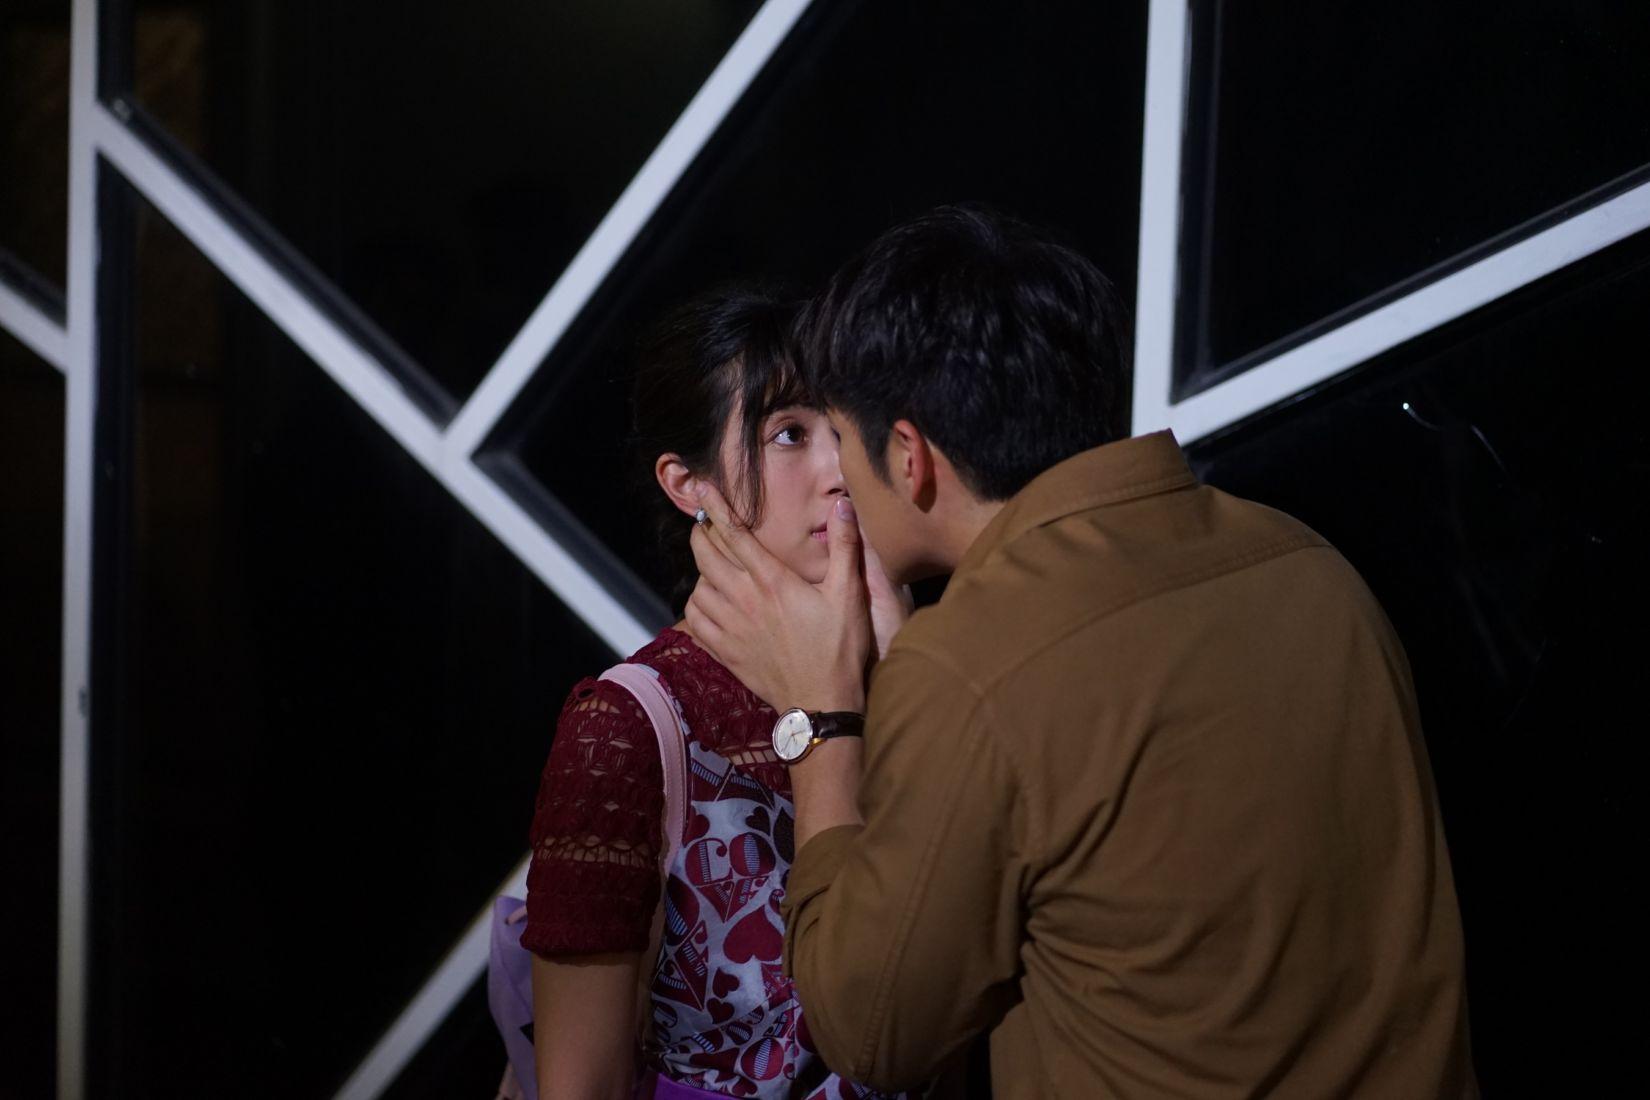 มิ้นต์ ตกใจ อาเล็ก จูบแบบไม่ทันตั้งตัวใน ดวงแบบนี้ไม่มีจู๋ | Tadoo